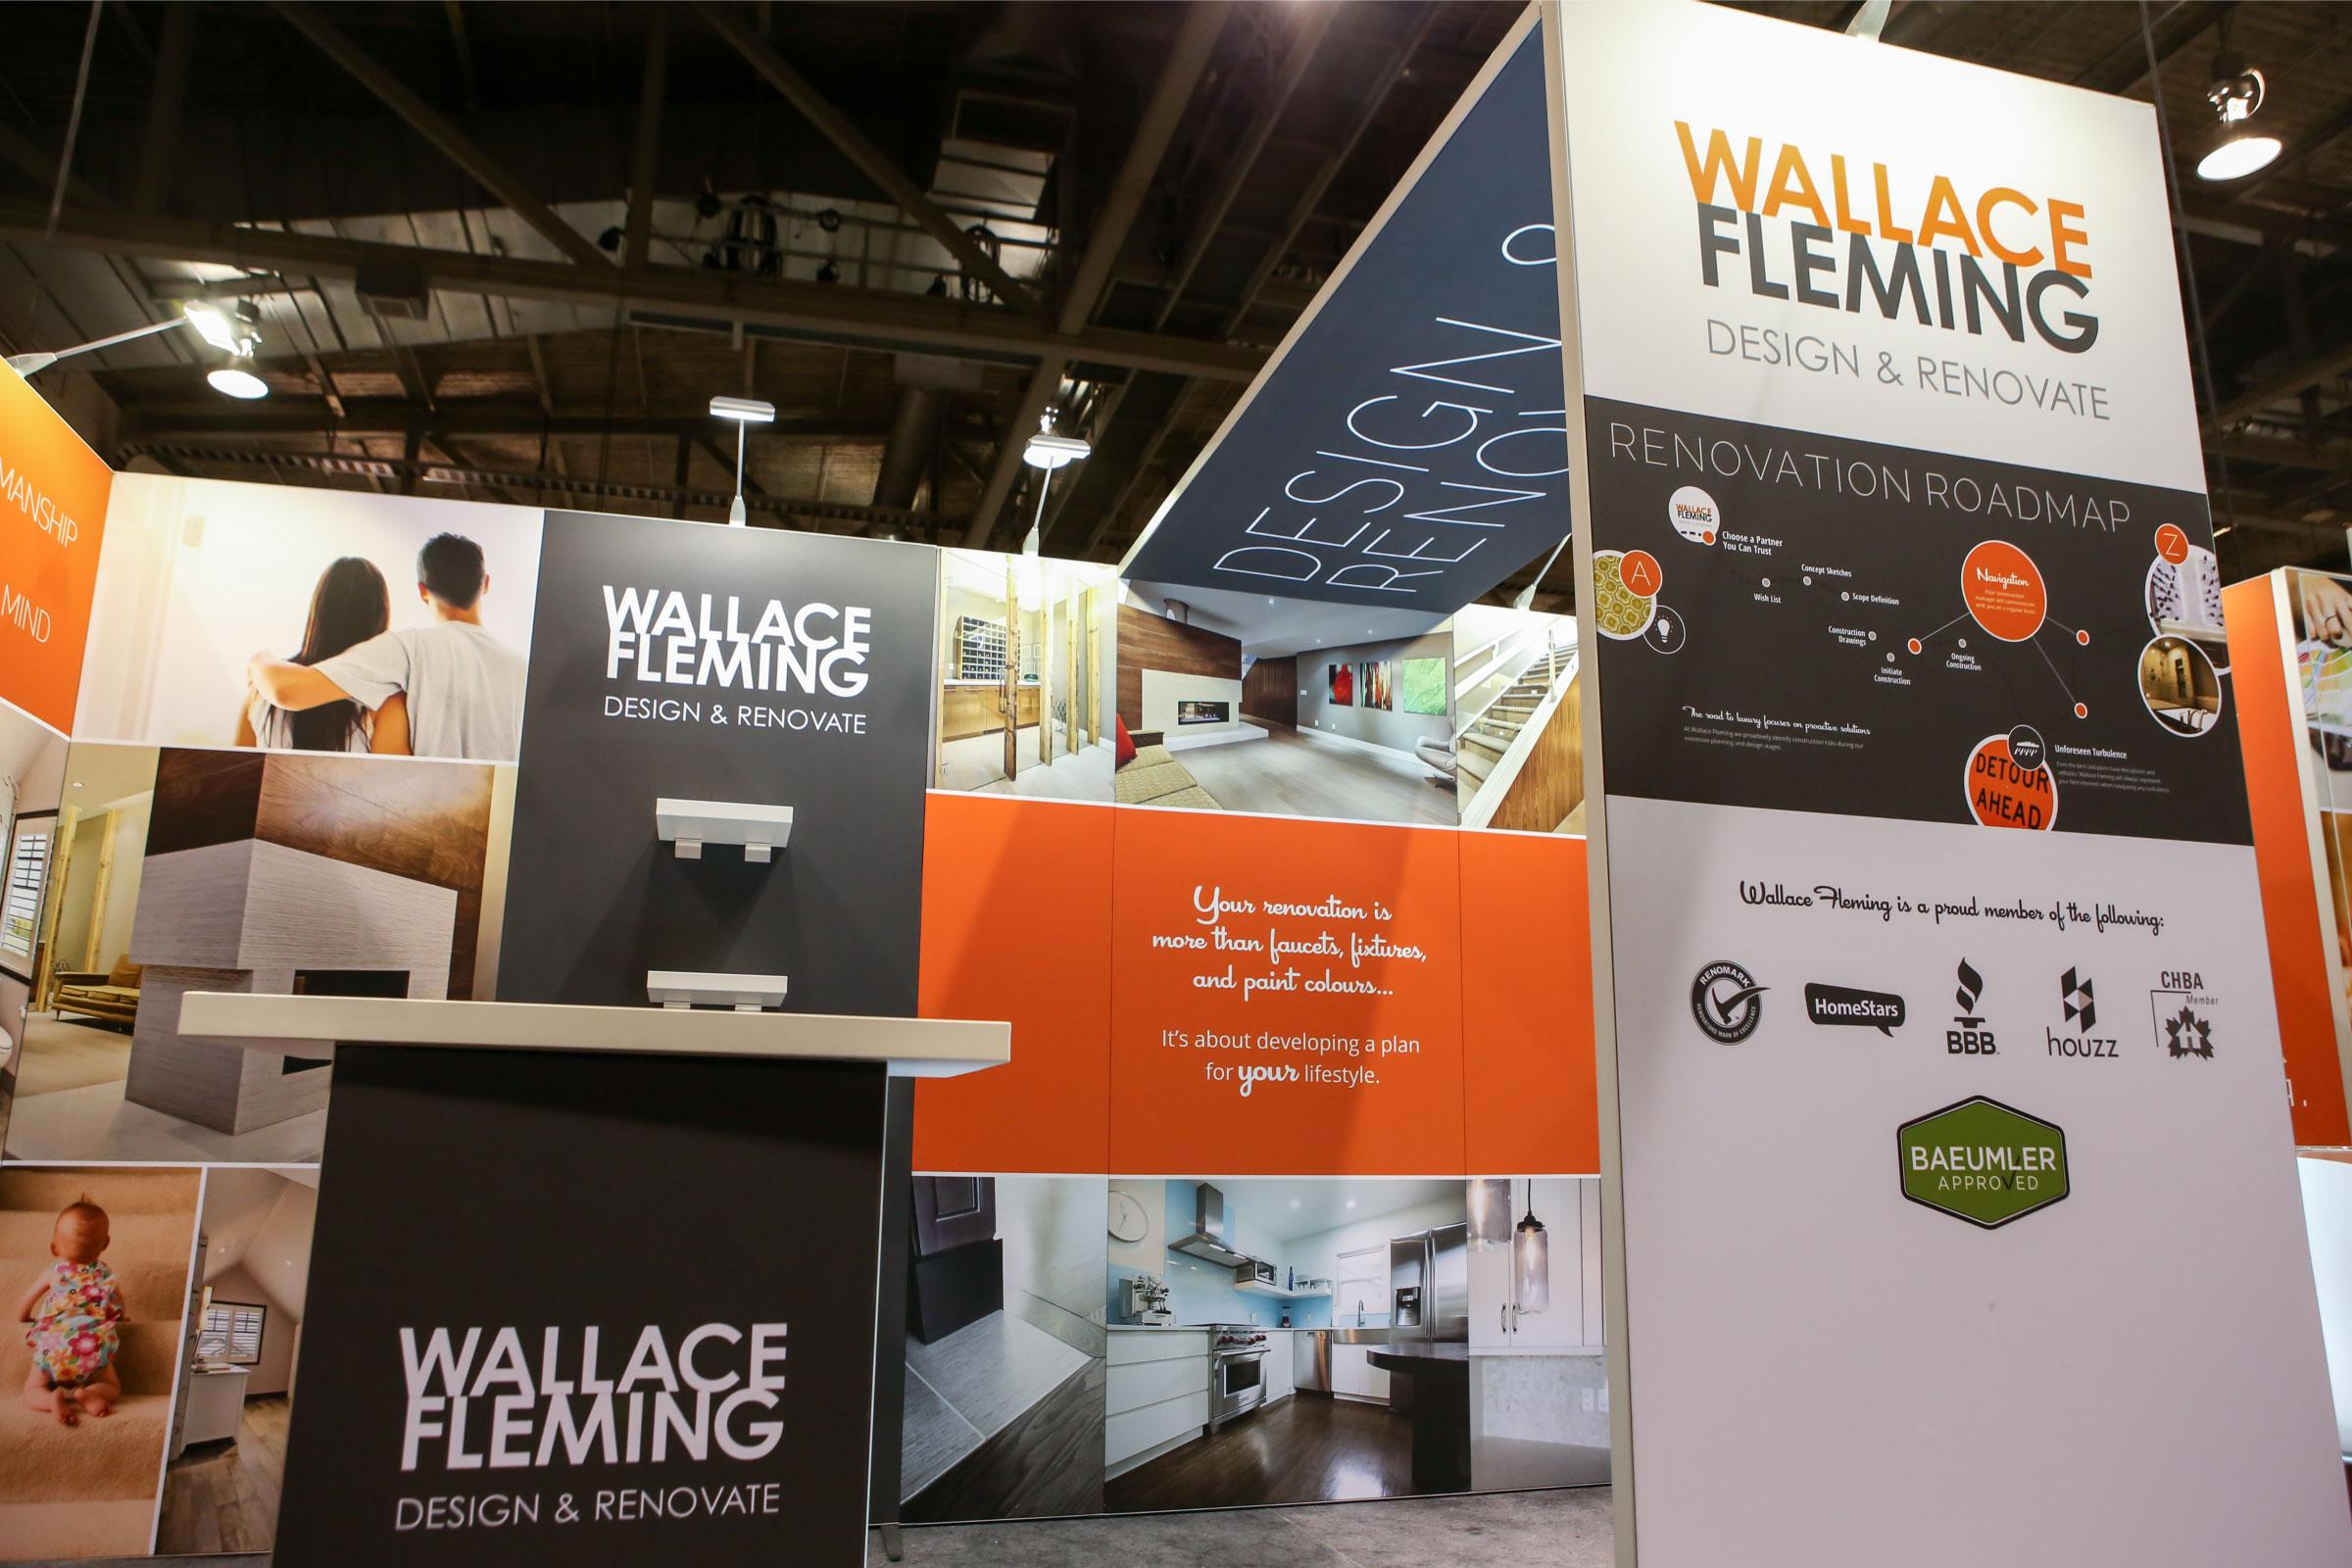 H-line 10' x 20' Exhibit - Wallace Fleming